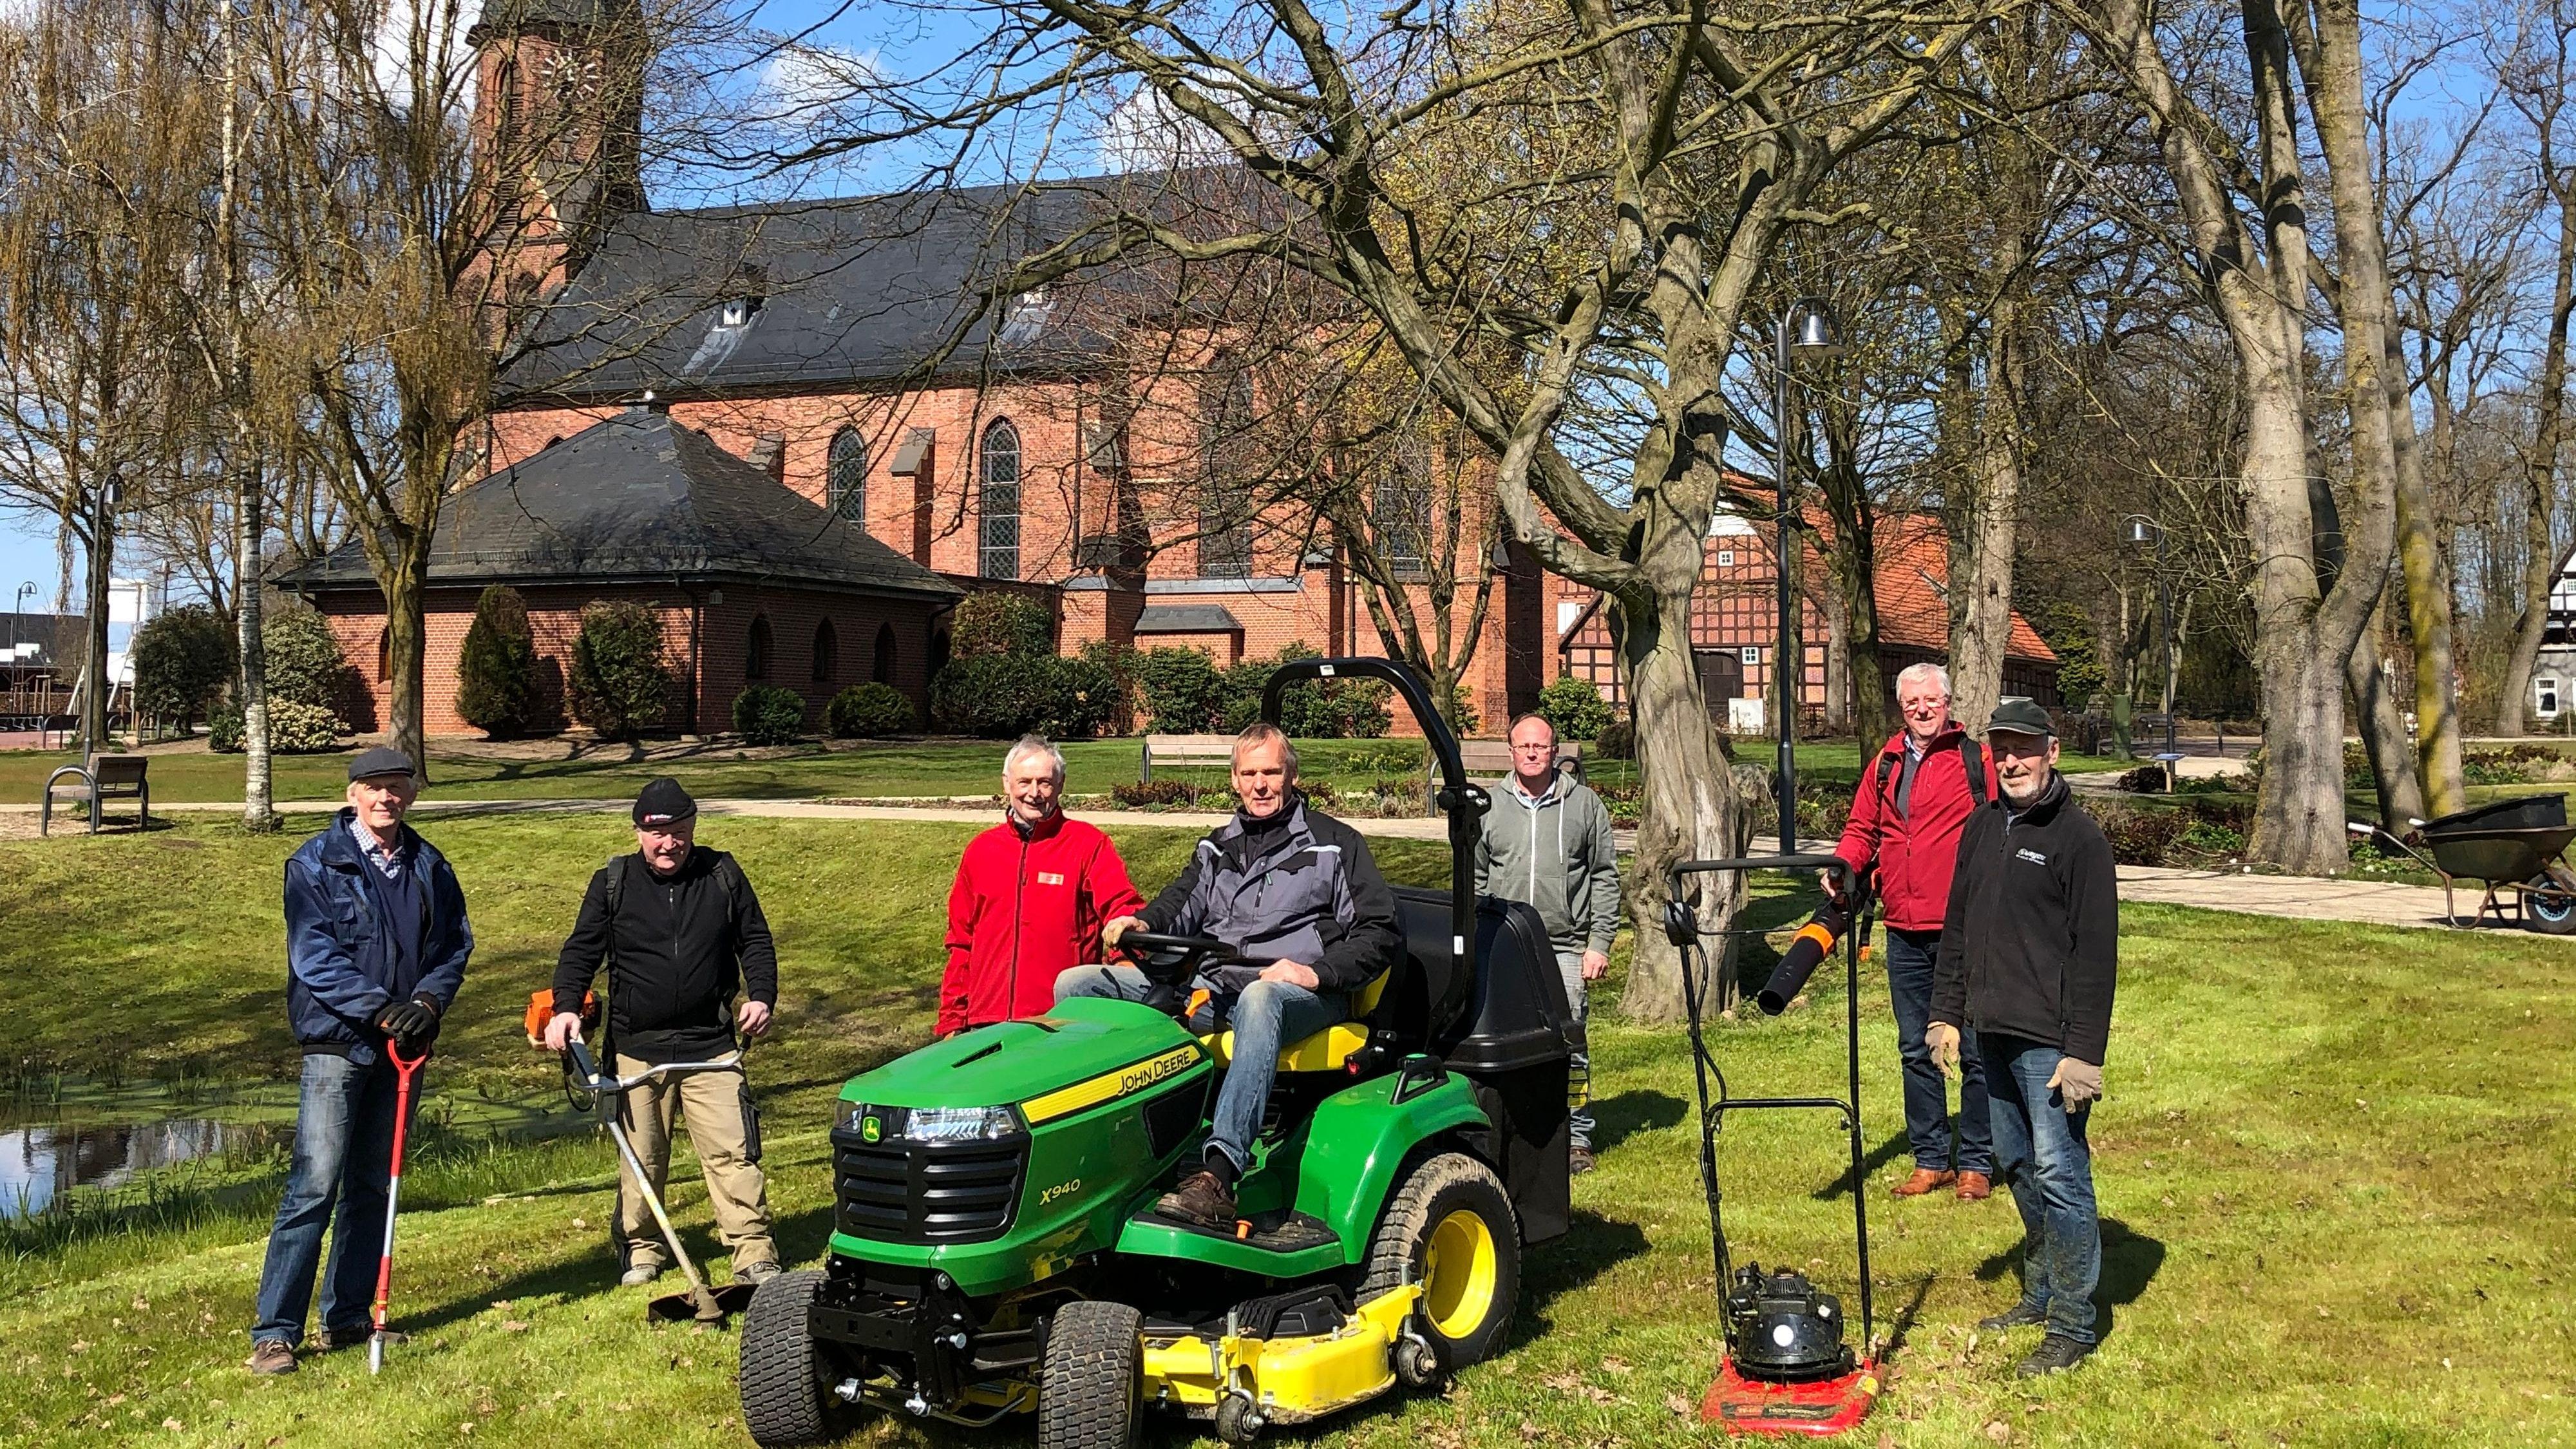 """Die """"Park Ranger"""" (v.l.): Aloys Meyer, Richard Muhle, Conny Eilers, Günter Meyer, Martin Wulf, Bernd Themann und Dieter Gabel. Foto: privat"""